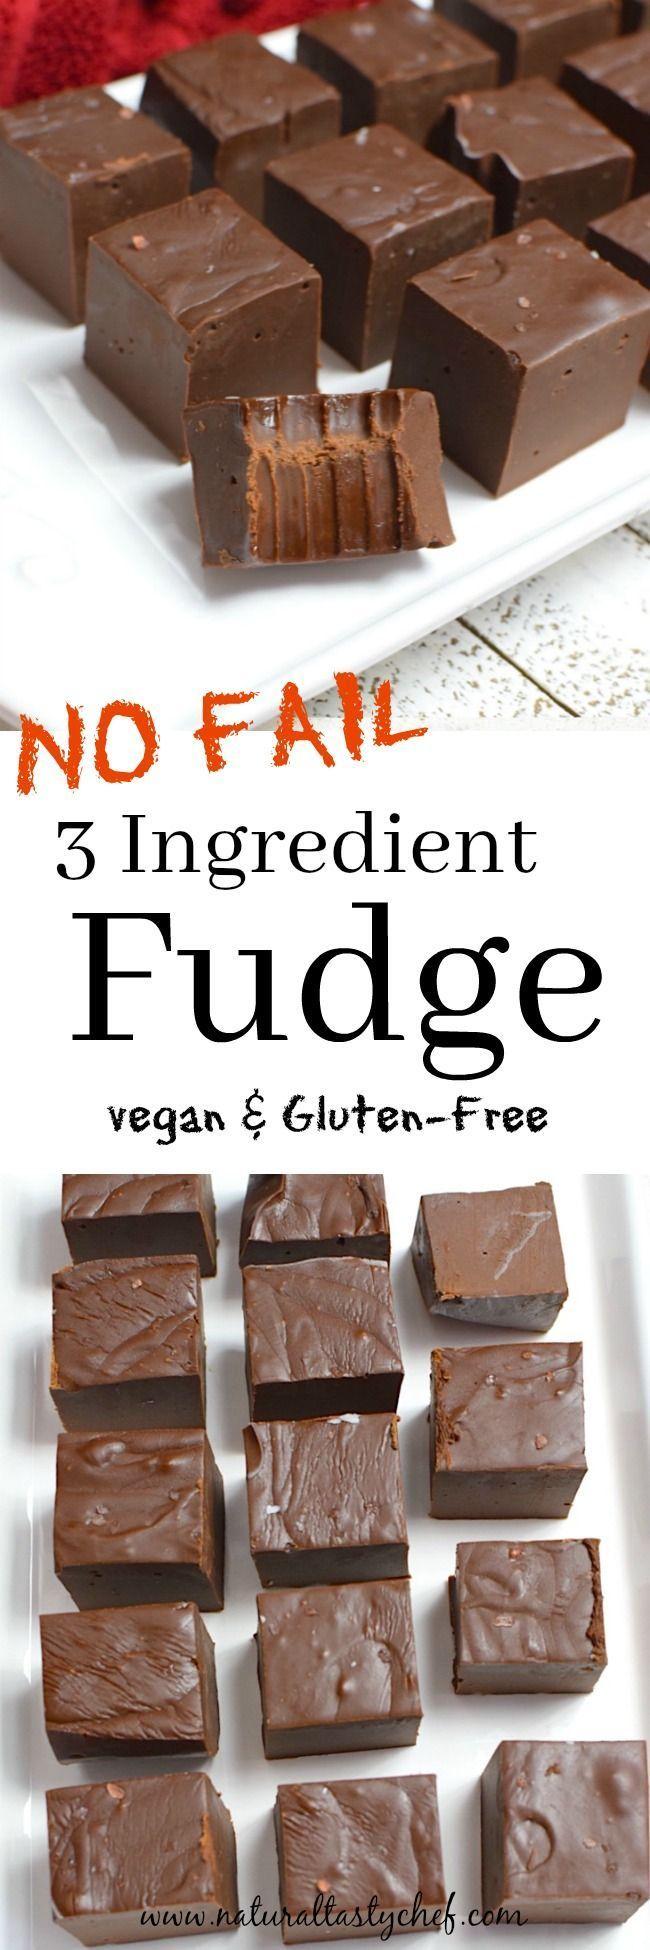 Easy, No-Fail Vegan Chocolate Fudge | Recipe | Vegan fudge ...